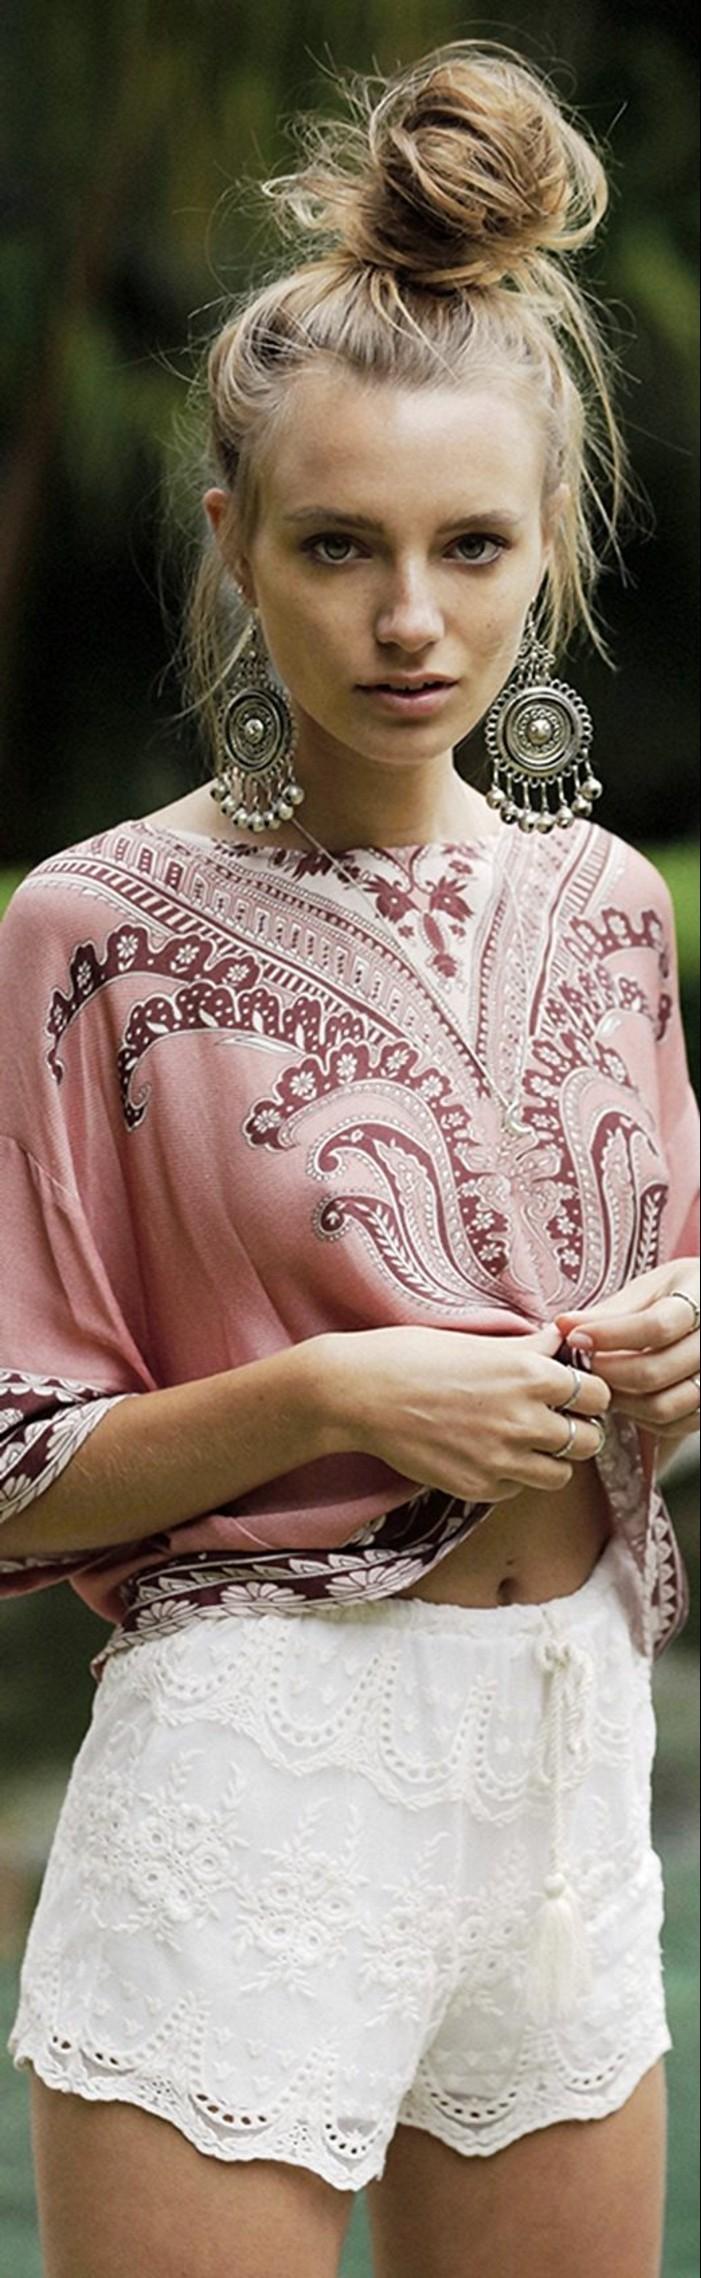 mode boheme, chignon haut, blouse rose hippie chic et boucles d'oreilles ethniques